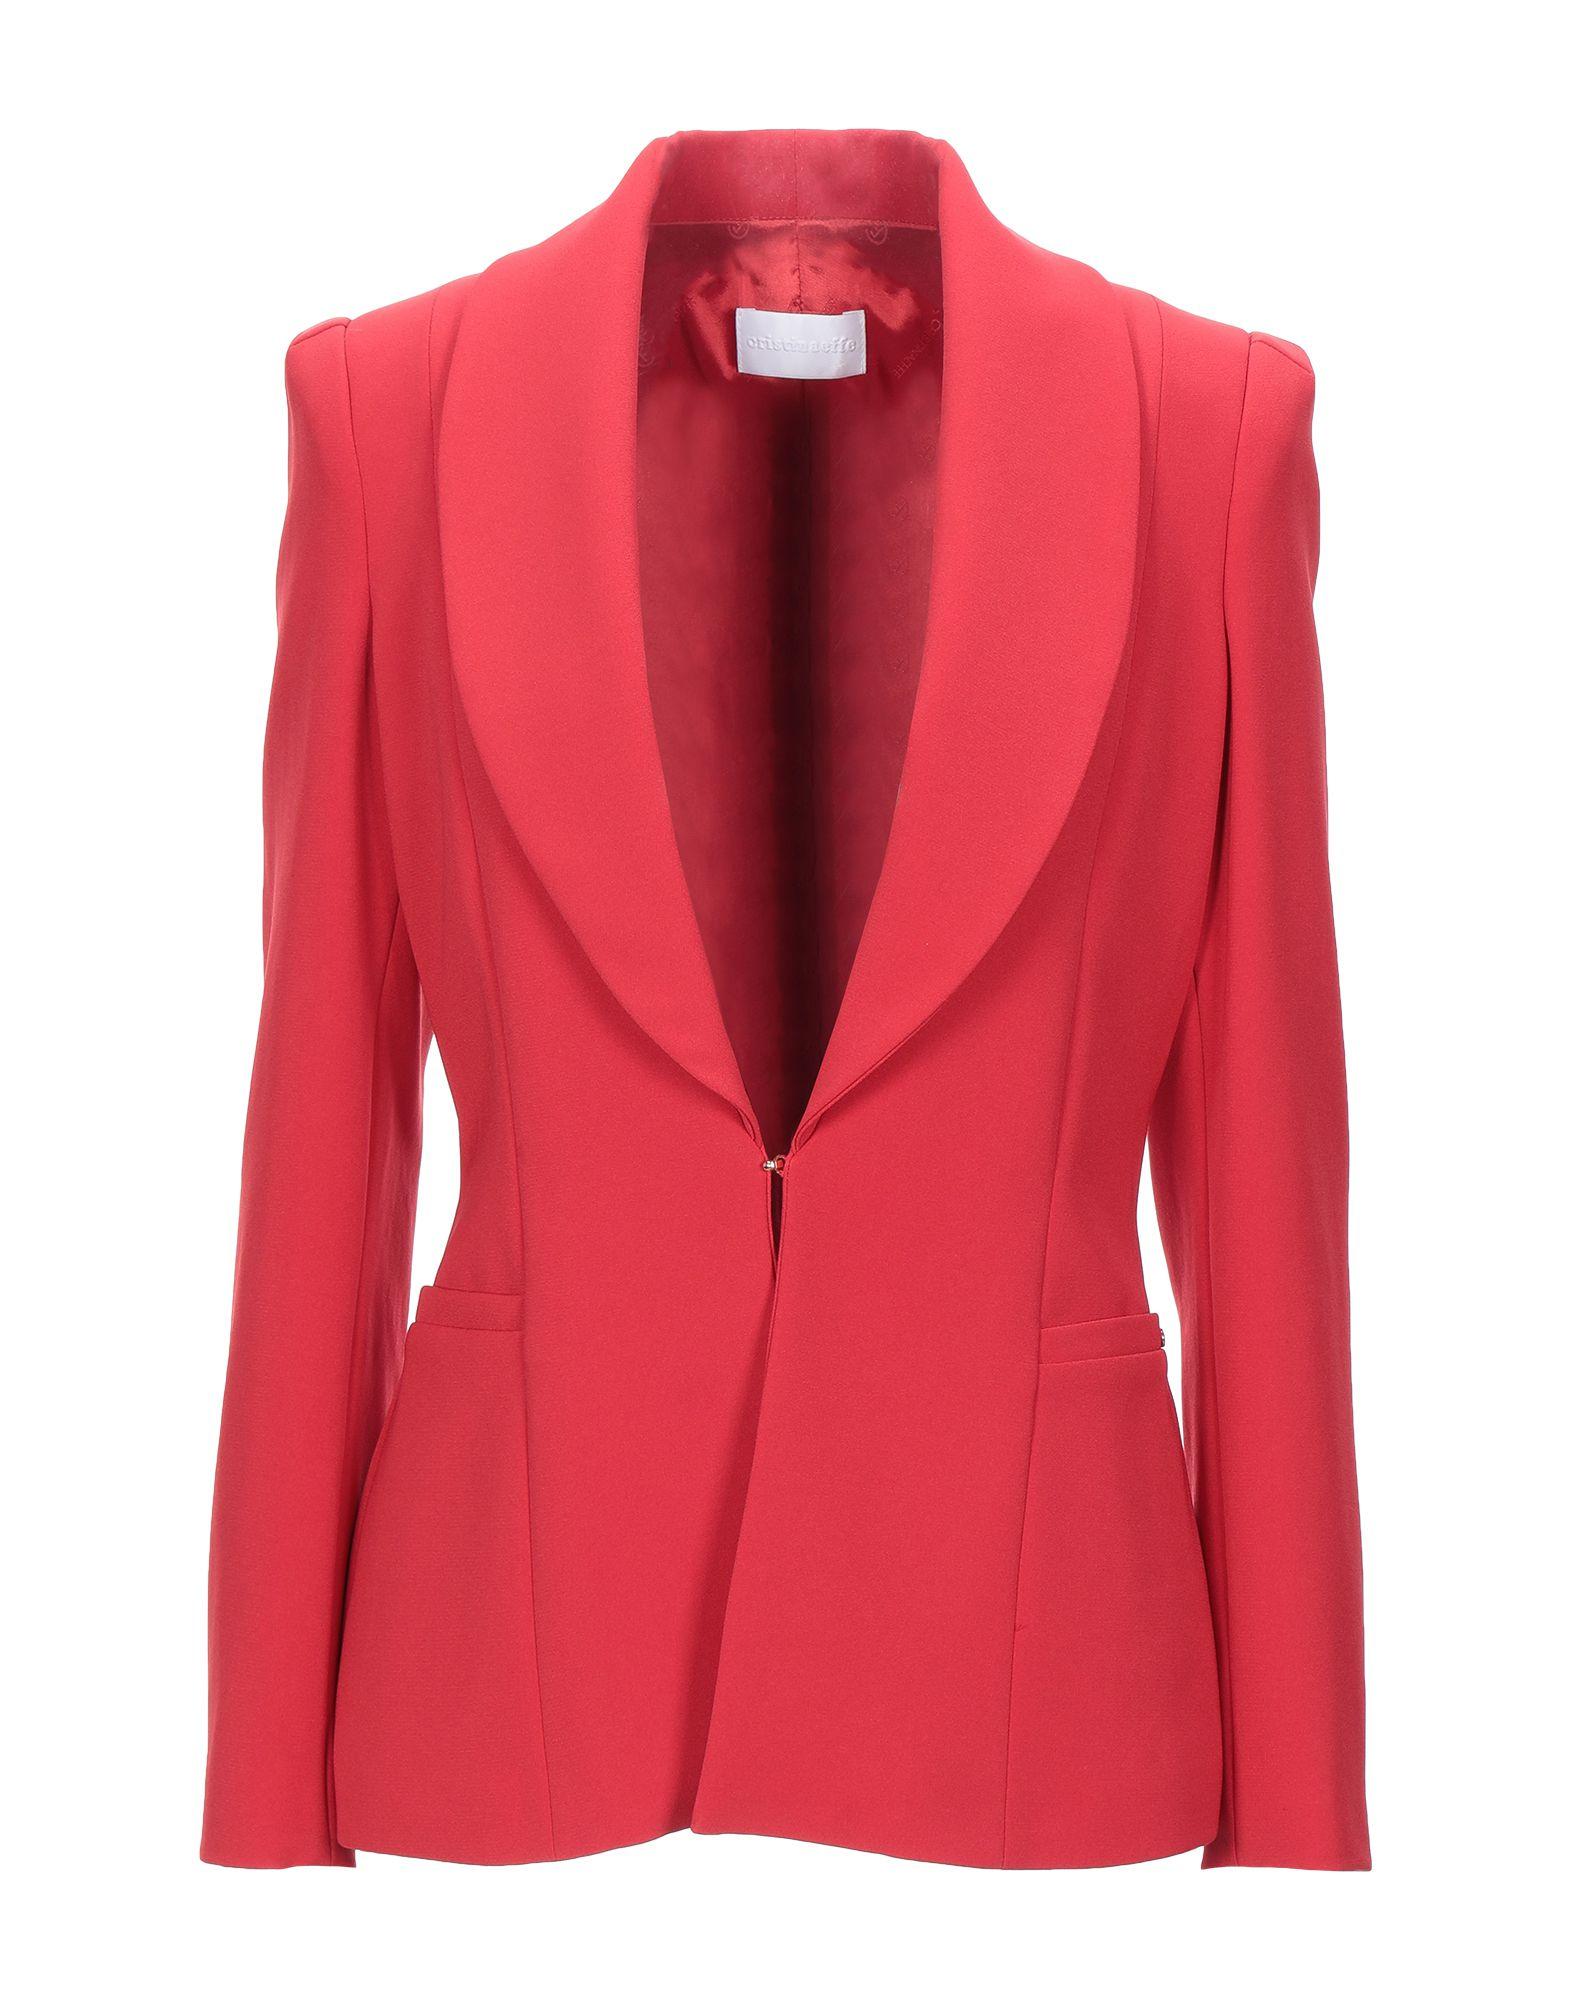 Как правильно выбрать мужской и женский пиджак: полезные советы по выбору пиджака